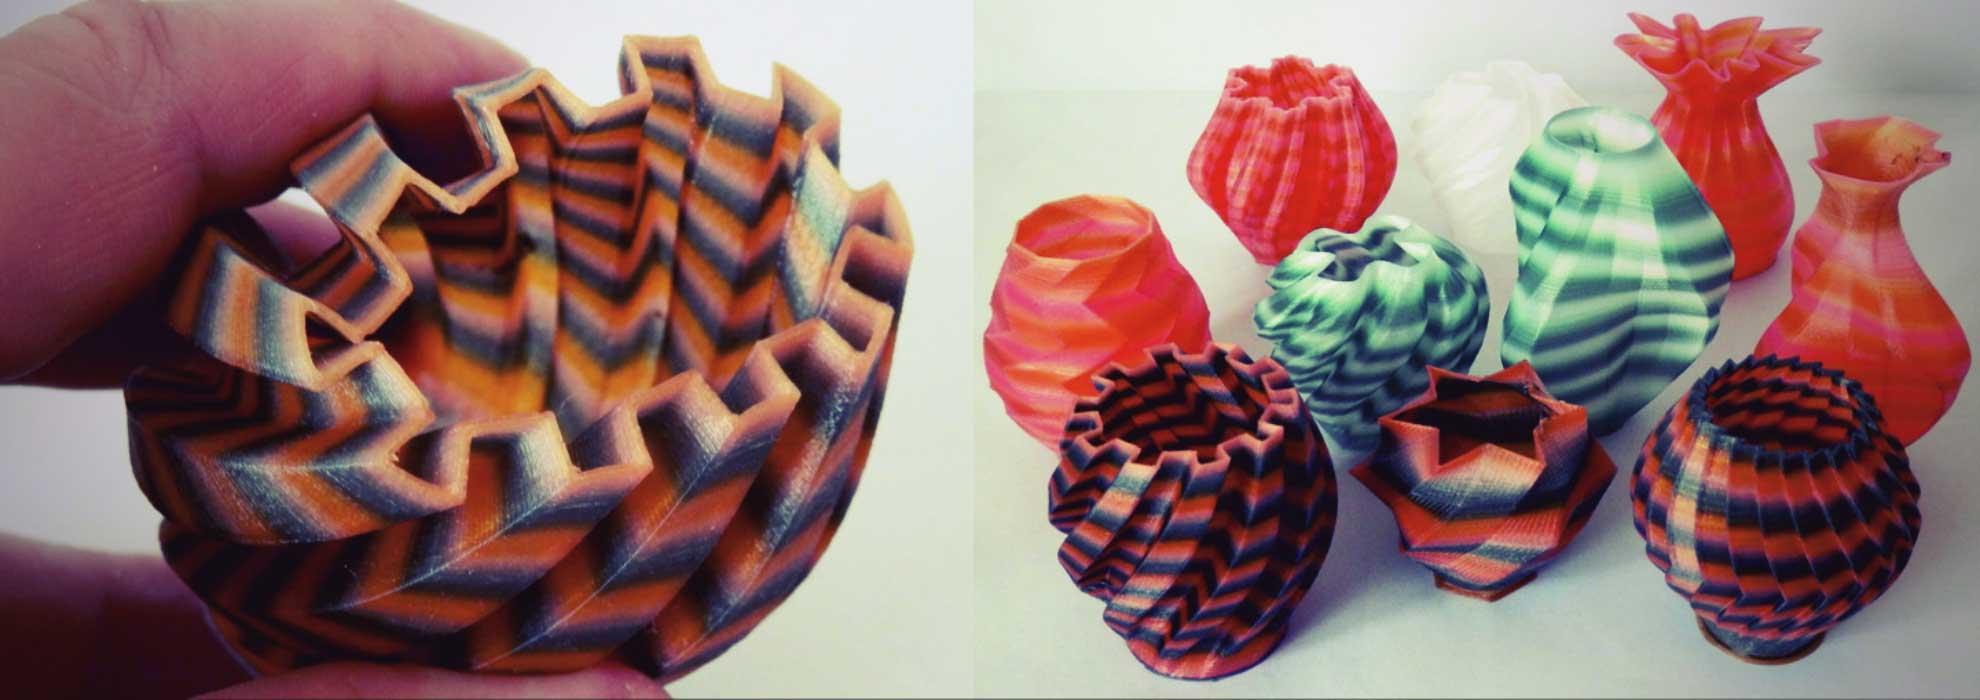 Маленькие оригинальные вазочки